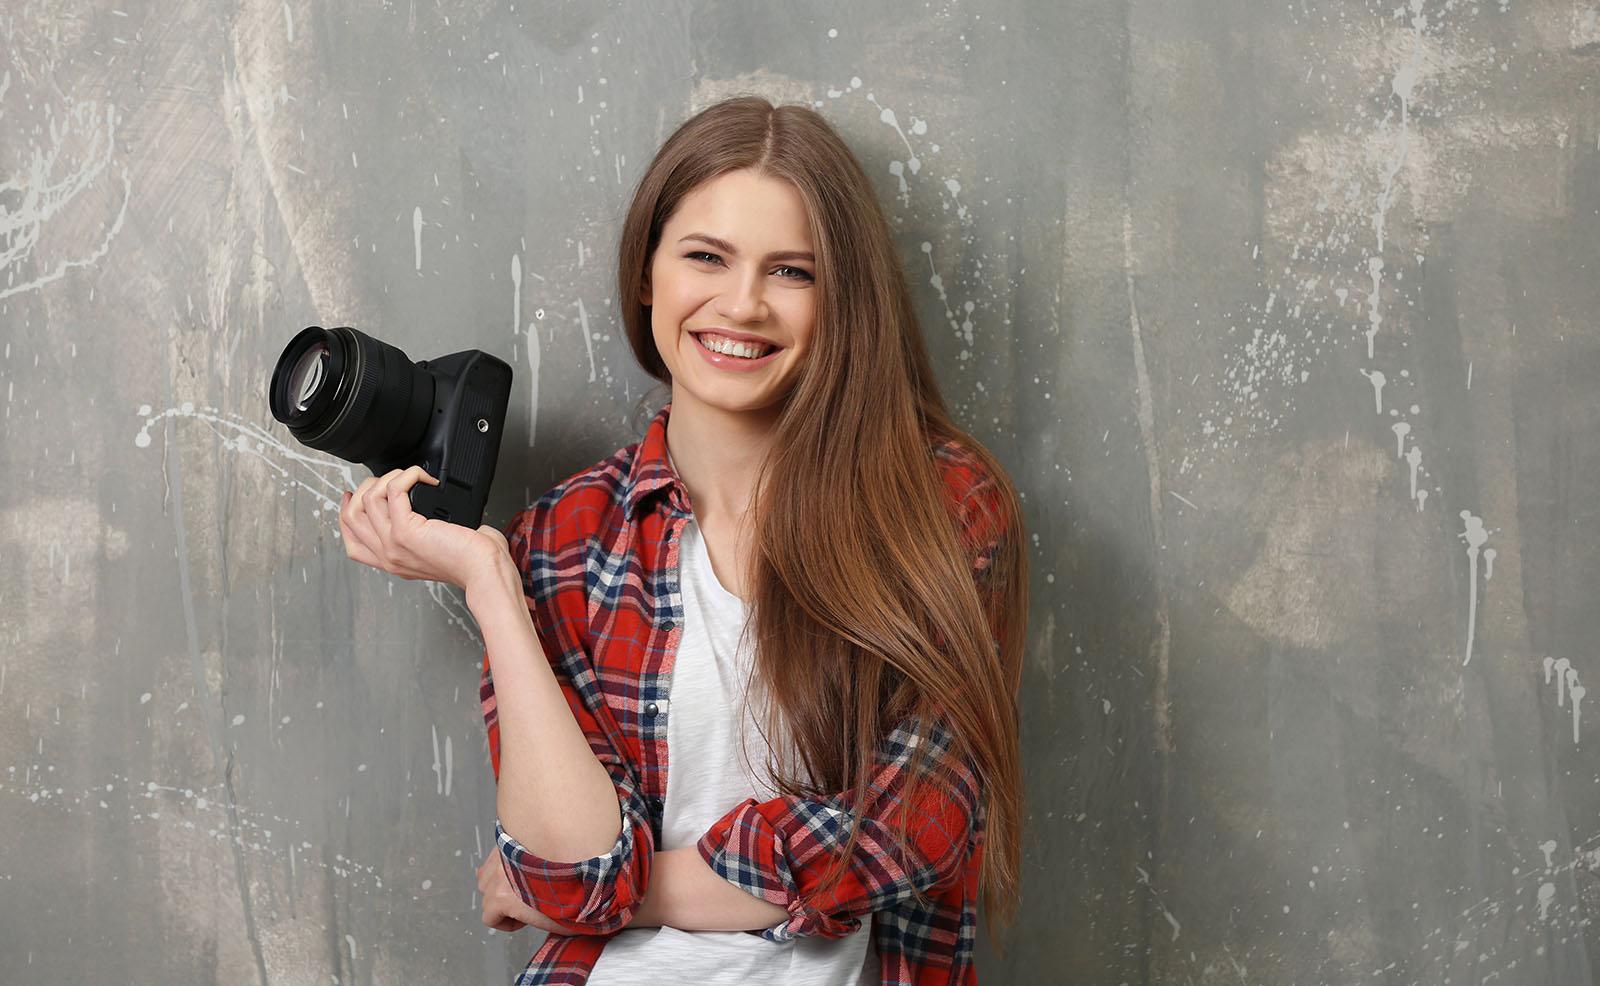 vrolijk meisje met camera